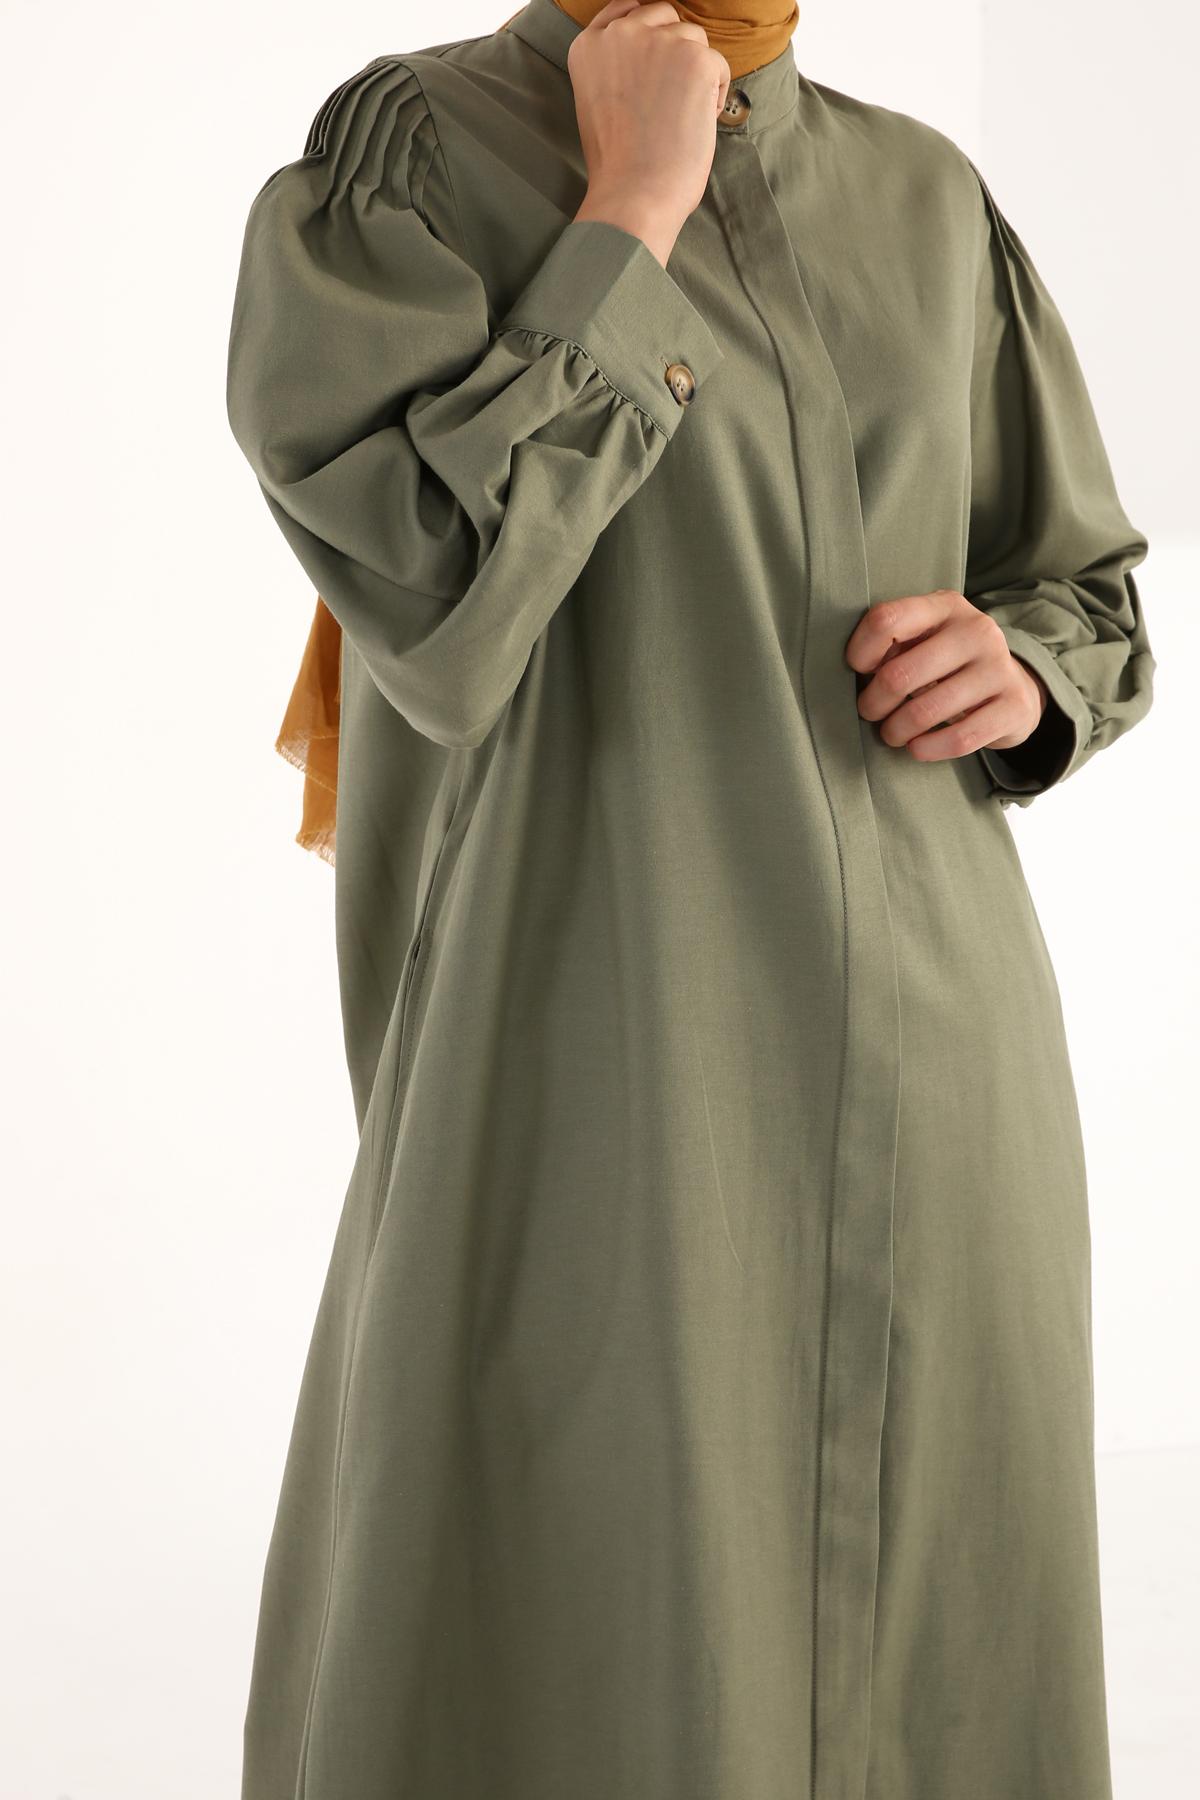 Sleeve Detailed Cotton Abaya